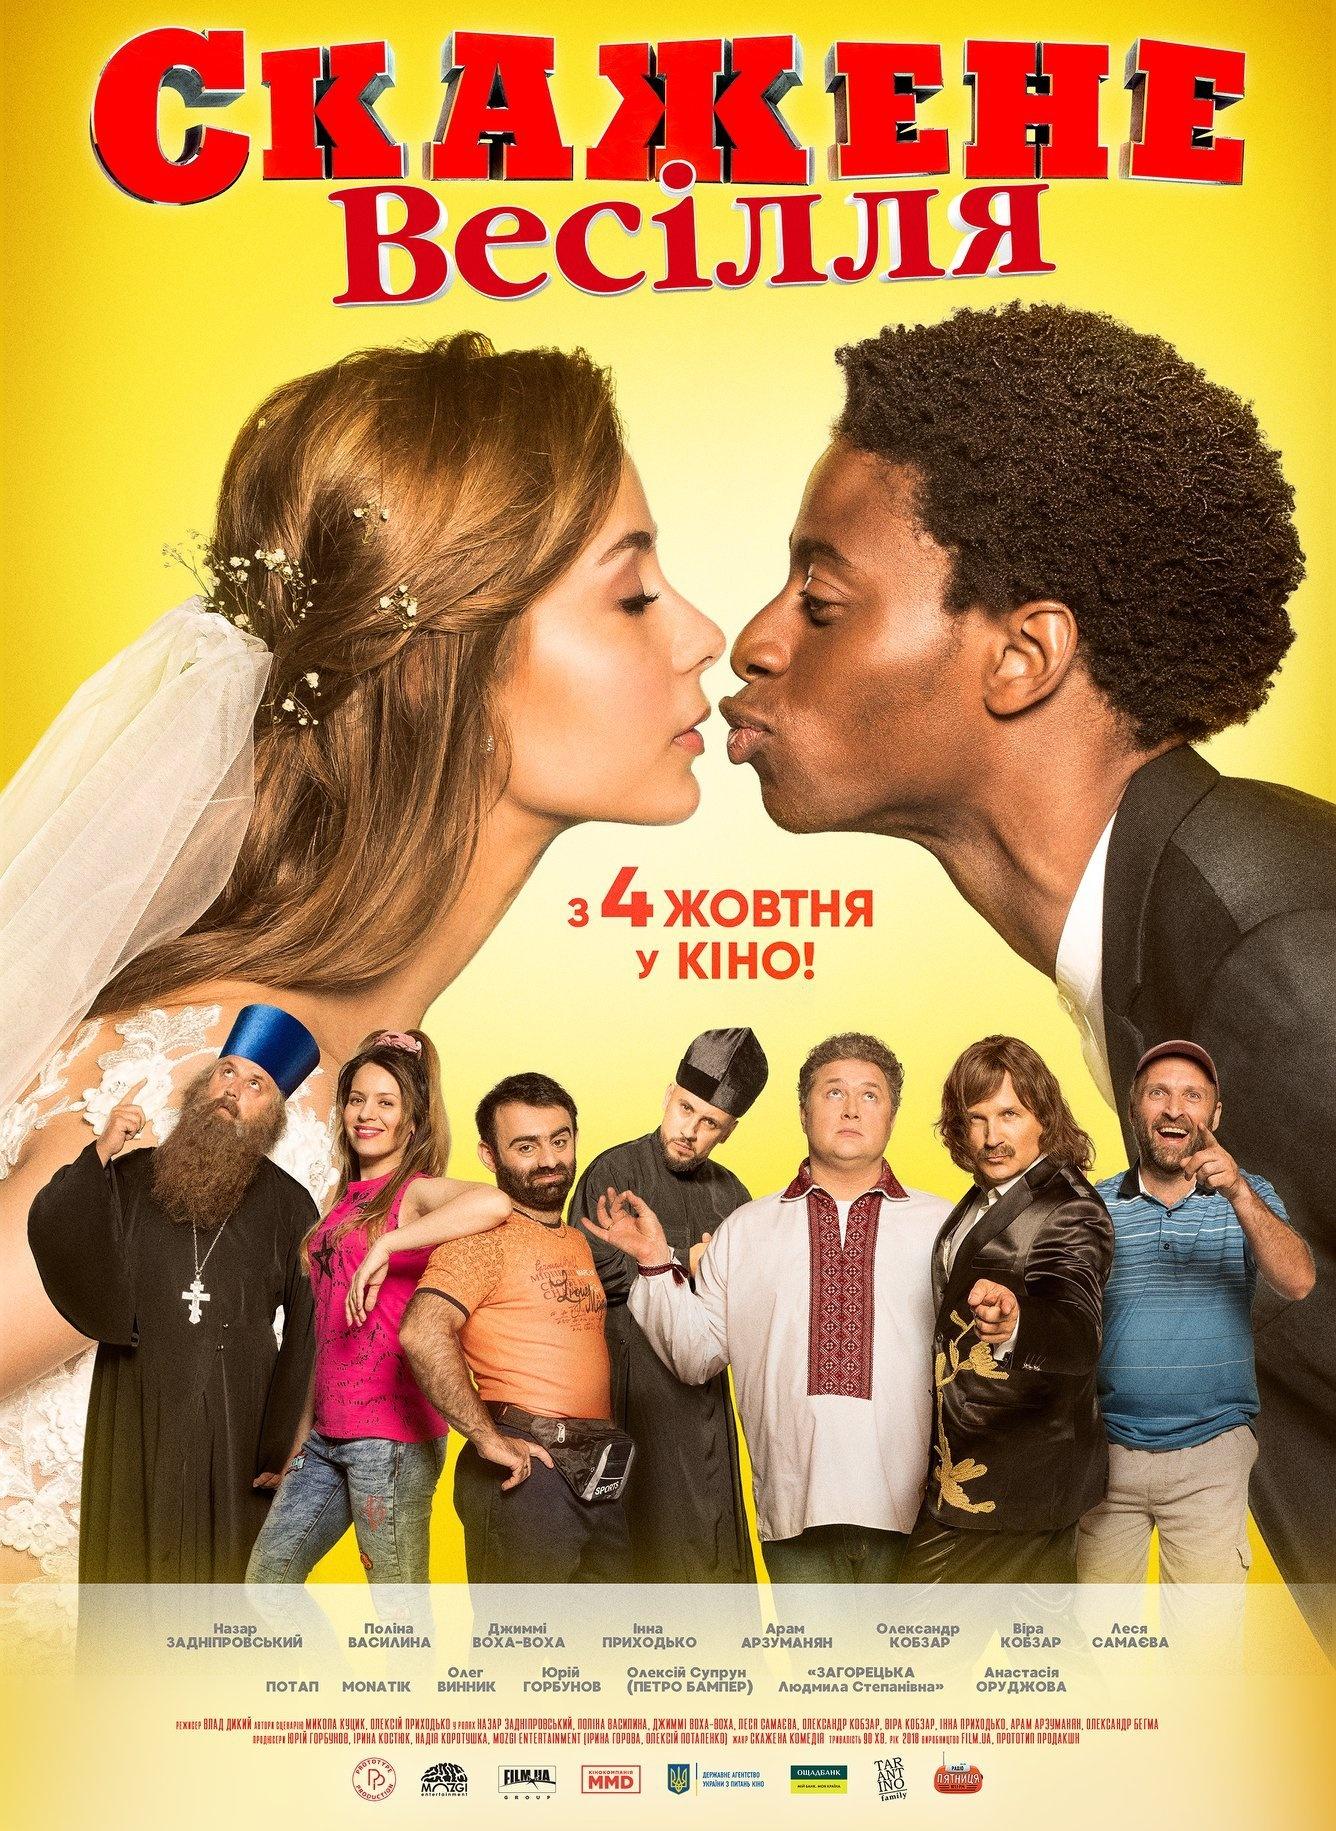 фильм люди в черном 3 фильм смотреть онлайн бесплатно в хорошем качестве